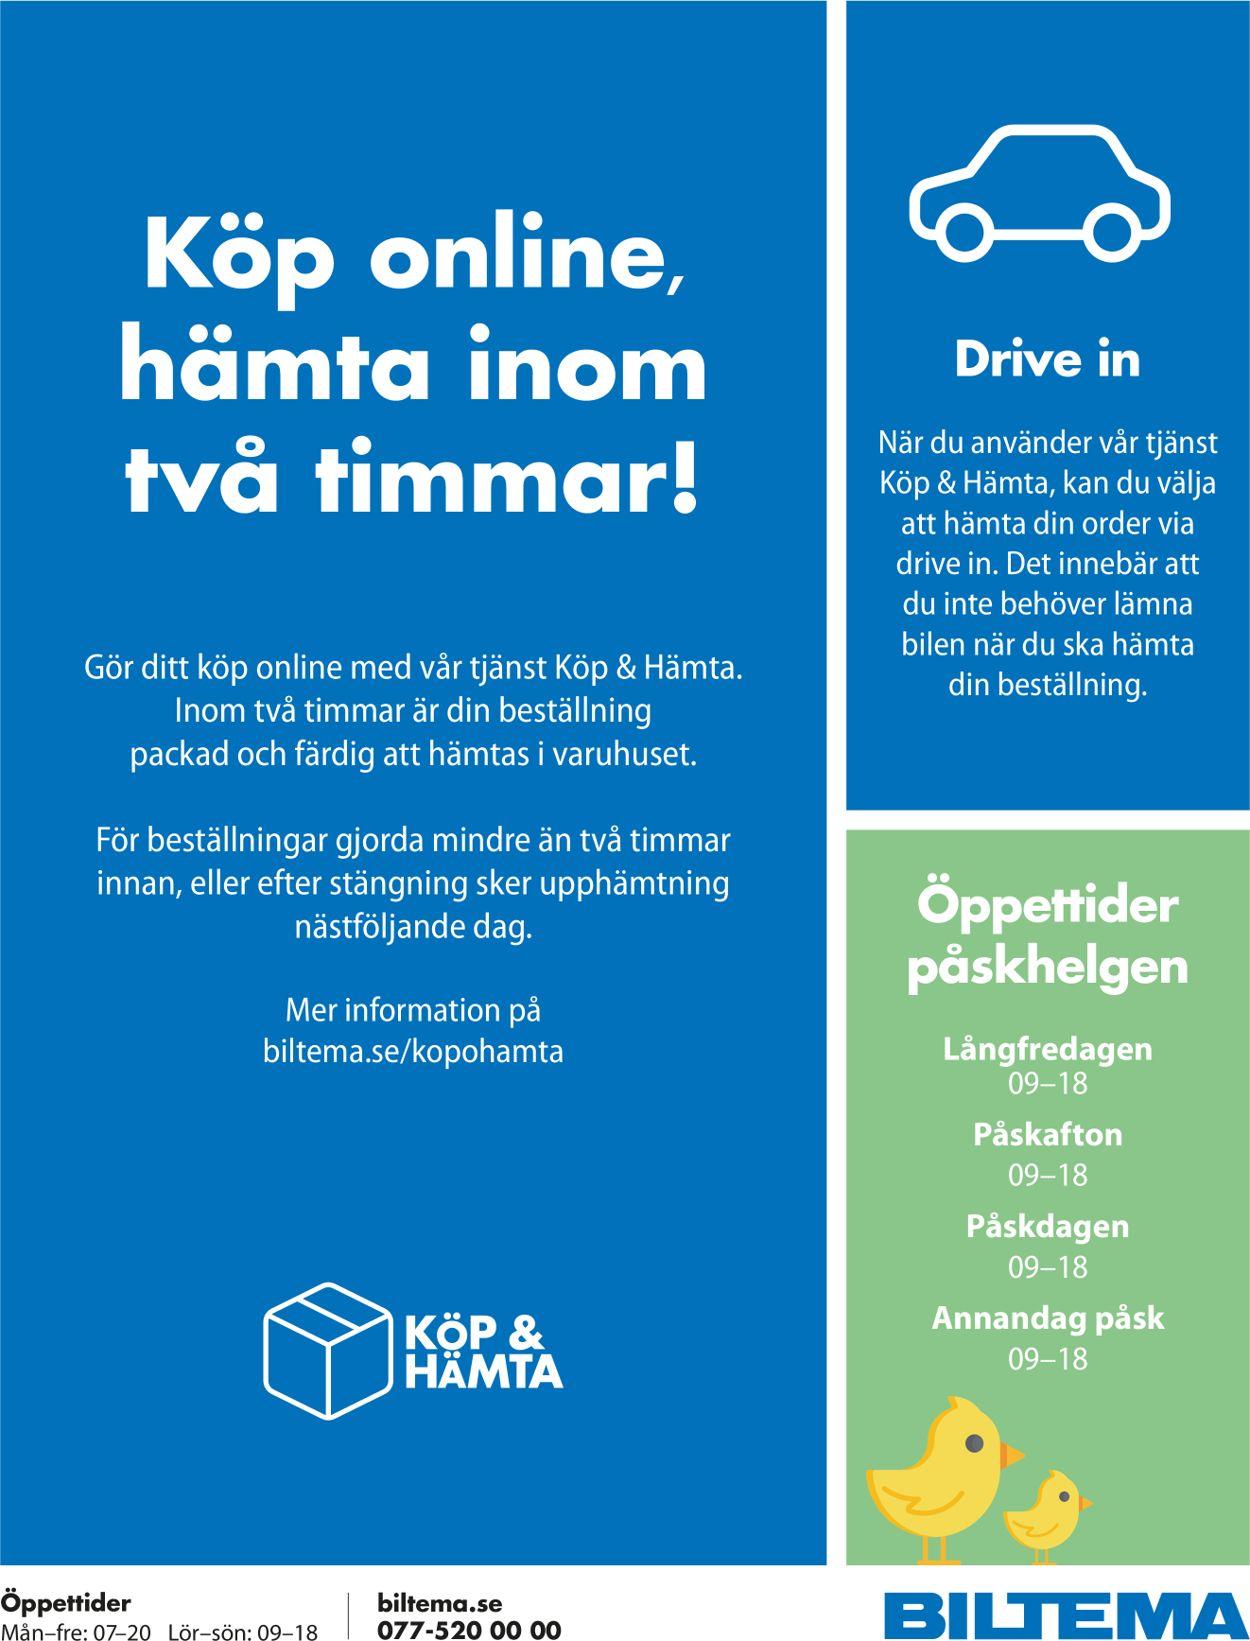 Reklamblad Biltema från 06/04-2020